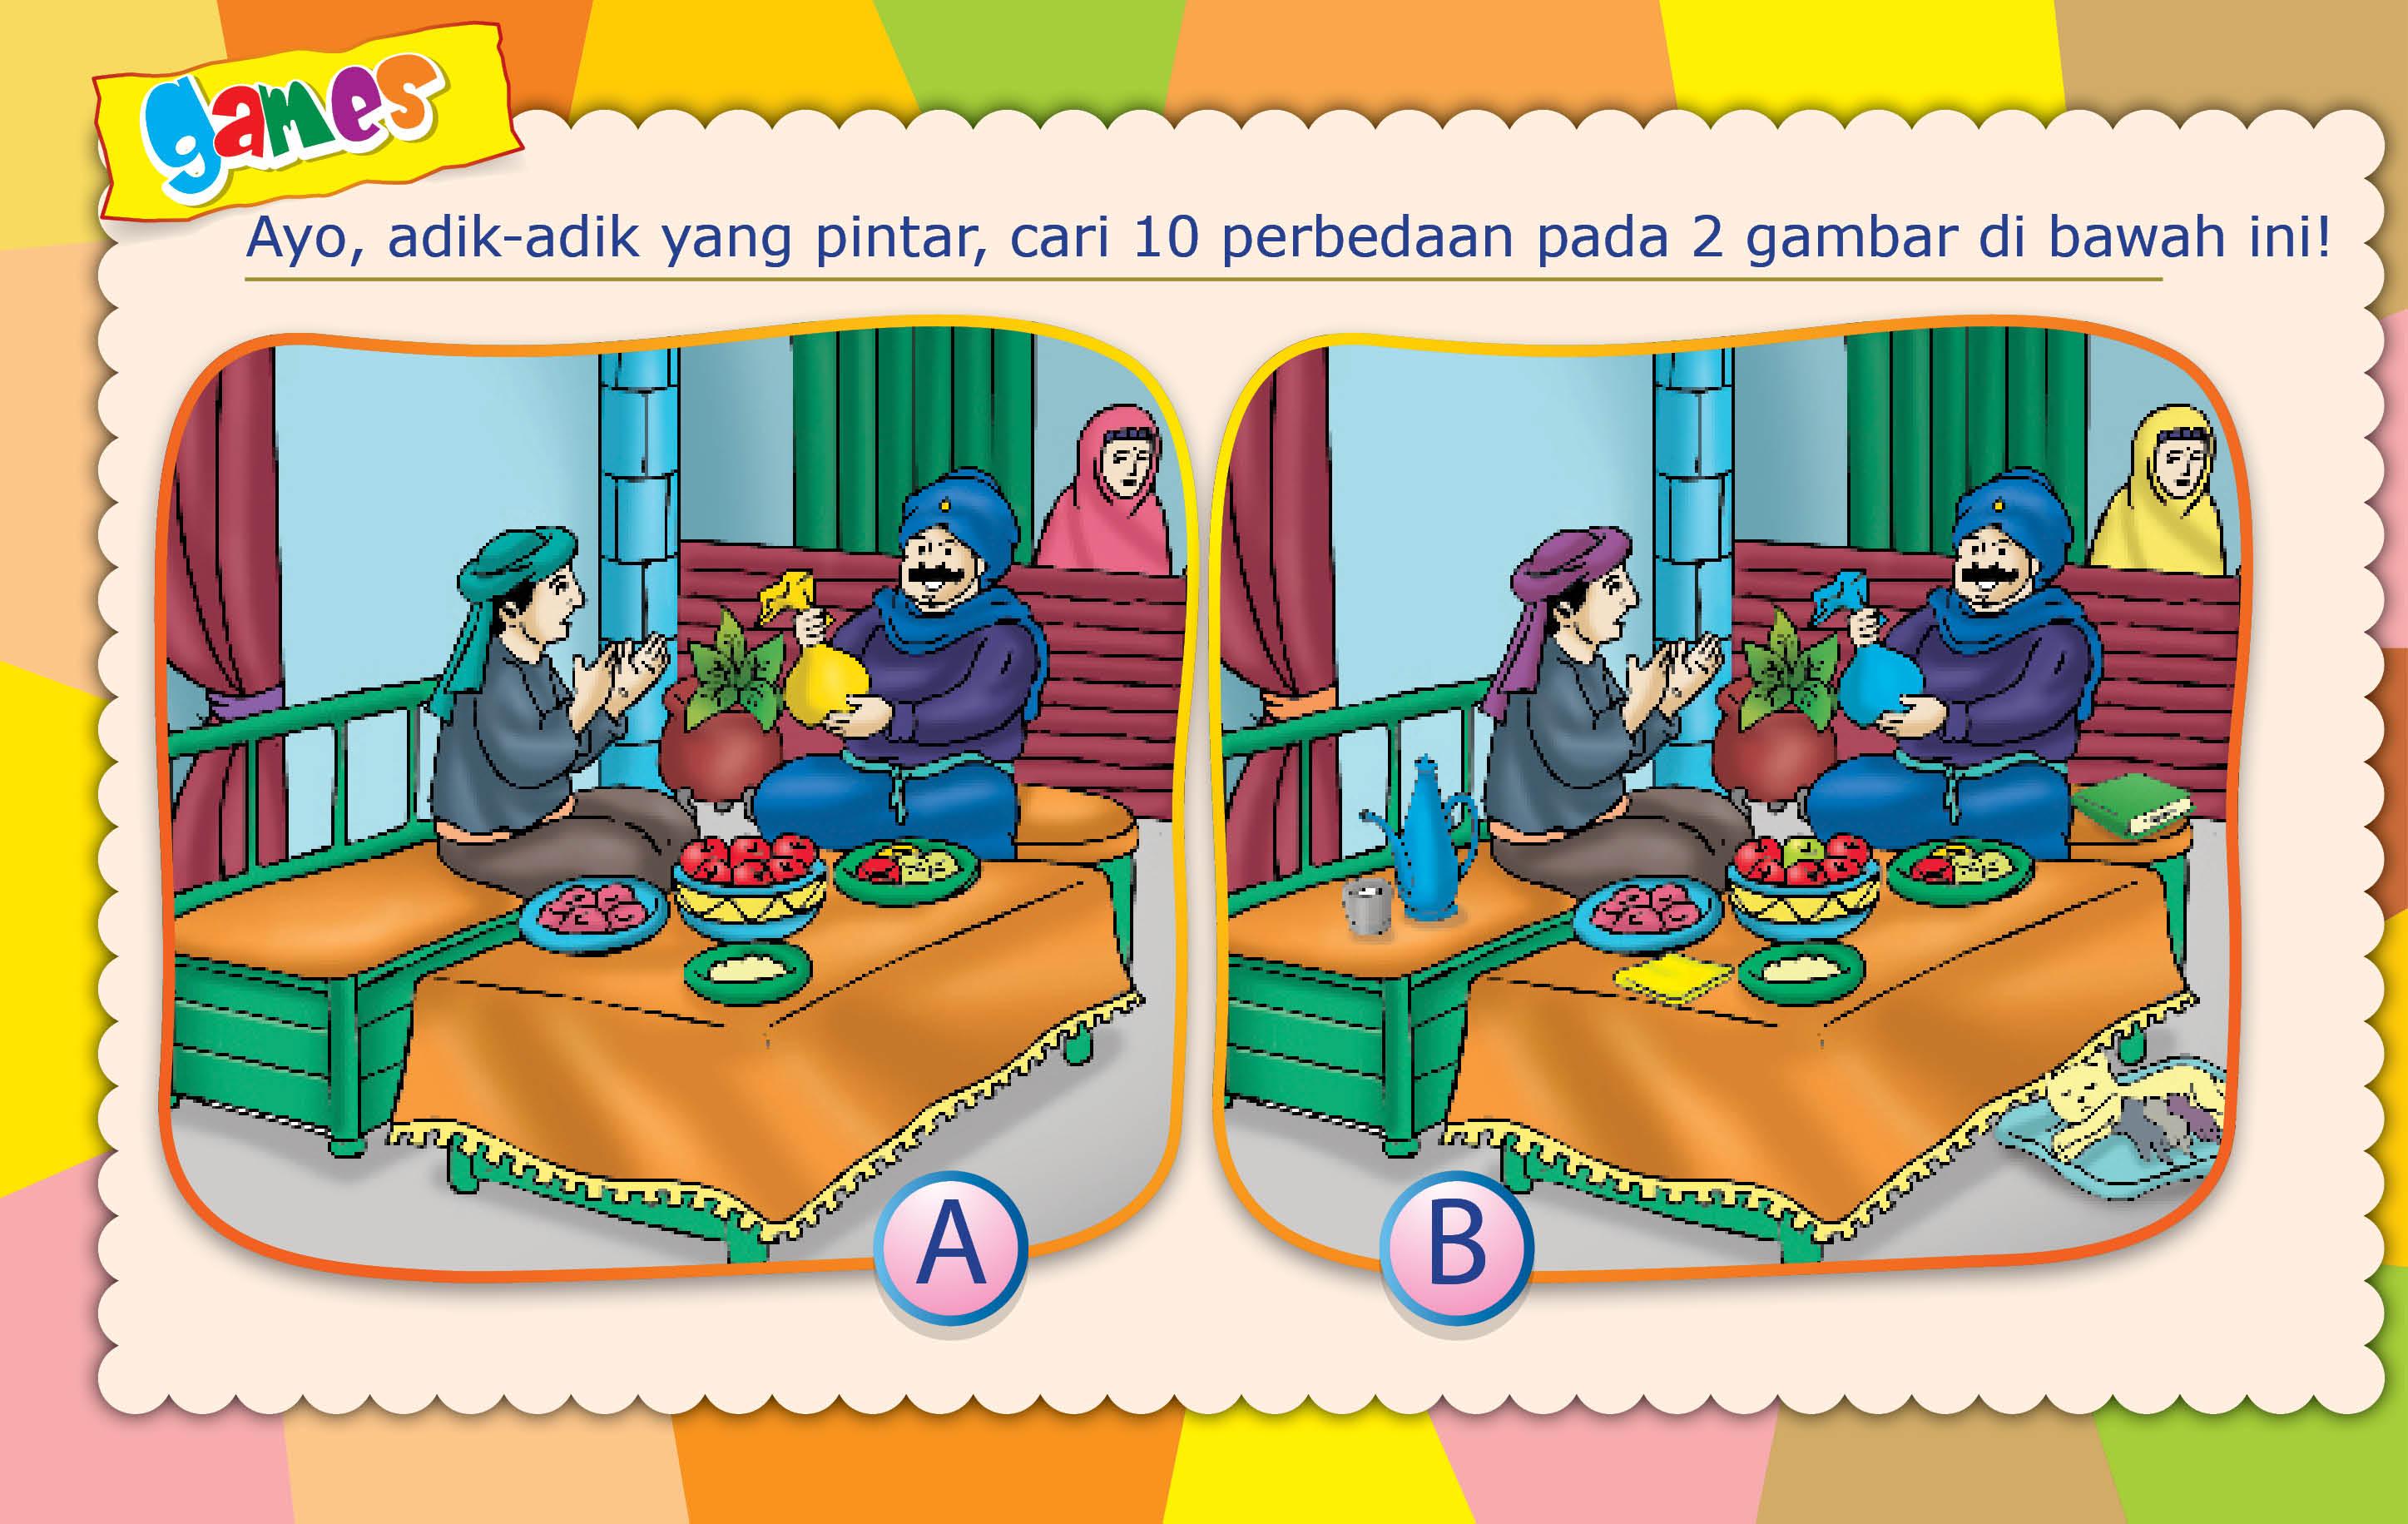 Kumpulan Soal Bahasa Inggris Kelas 9 Dan Kunci Jawaban Kumpulan Soal Dan Kunci Jawaban